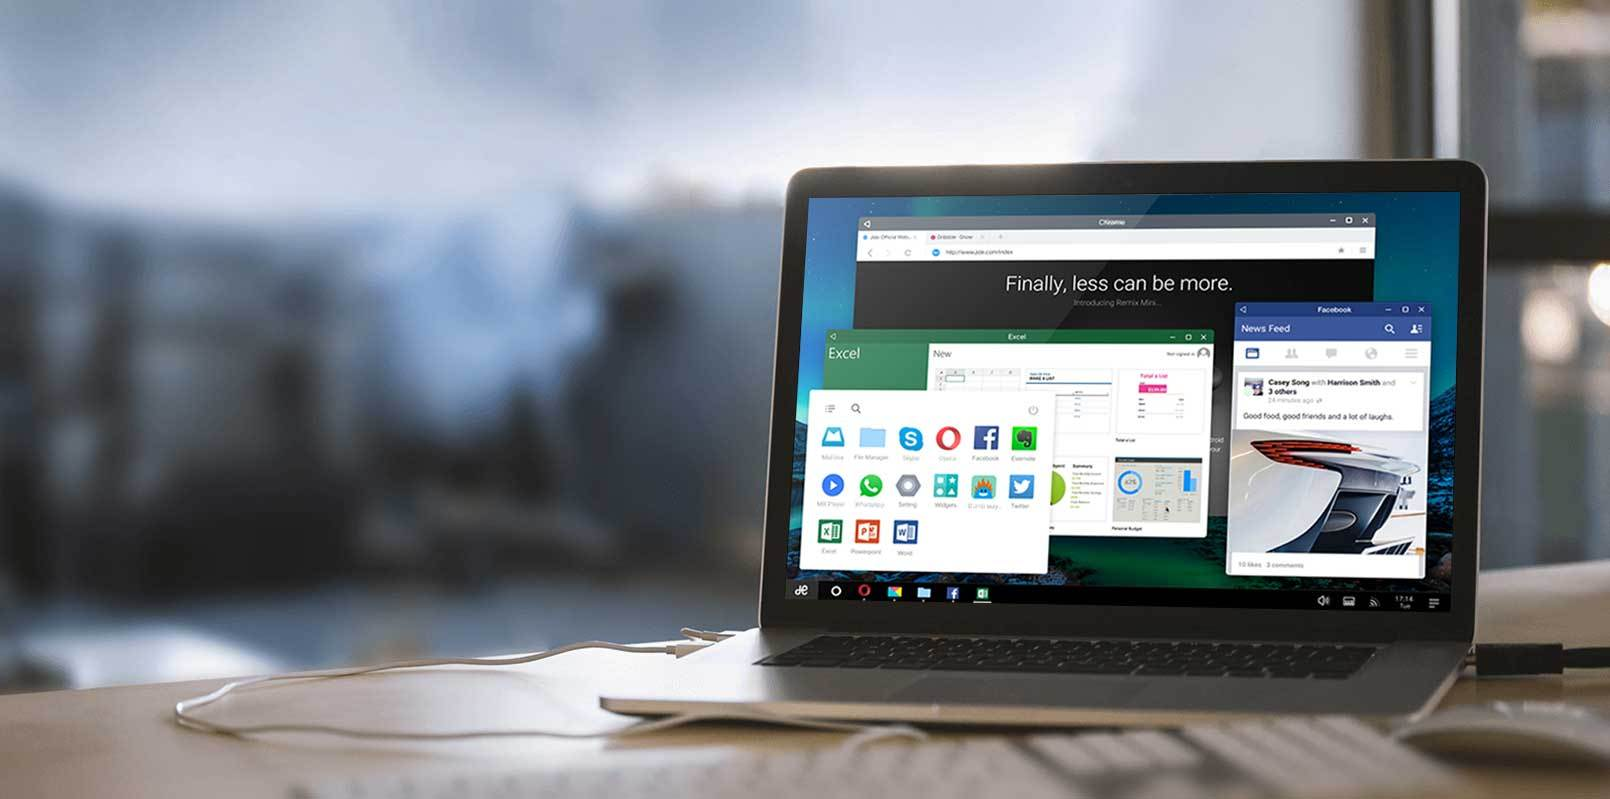 Android 6.0 Marshmallow fait son arrivée sur PC